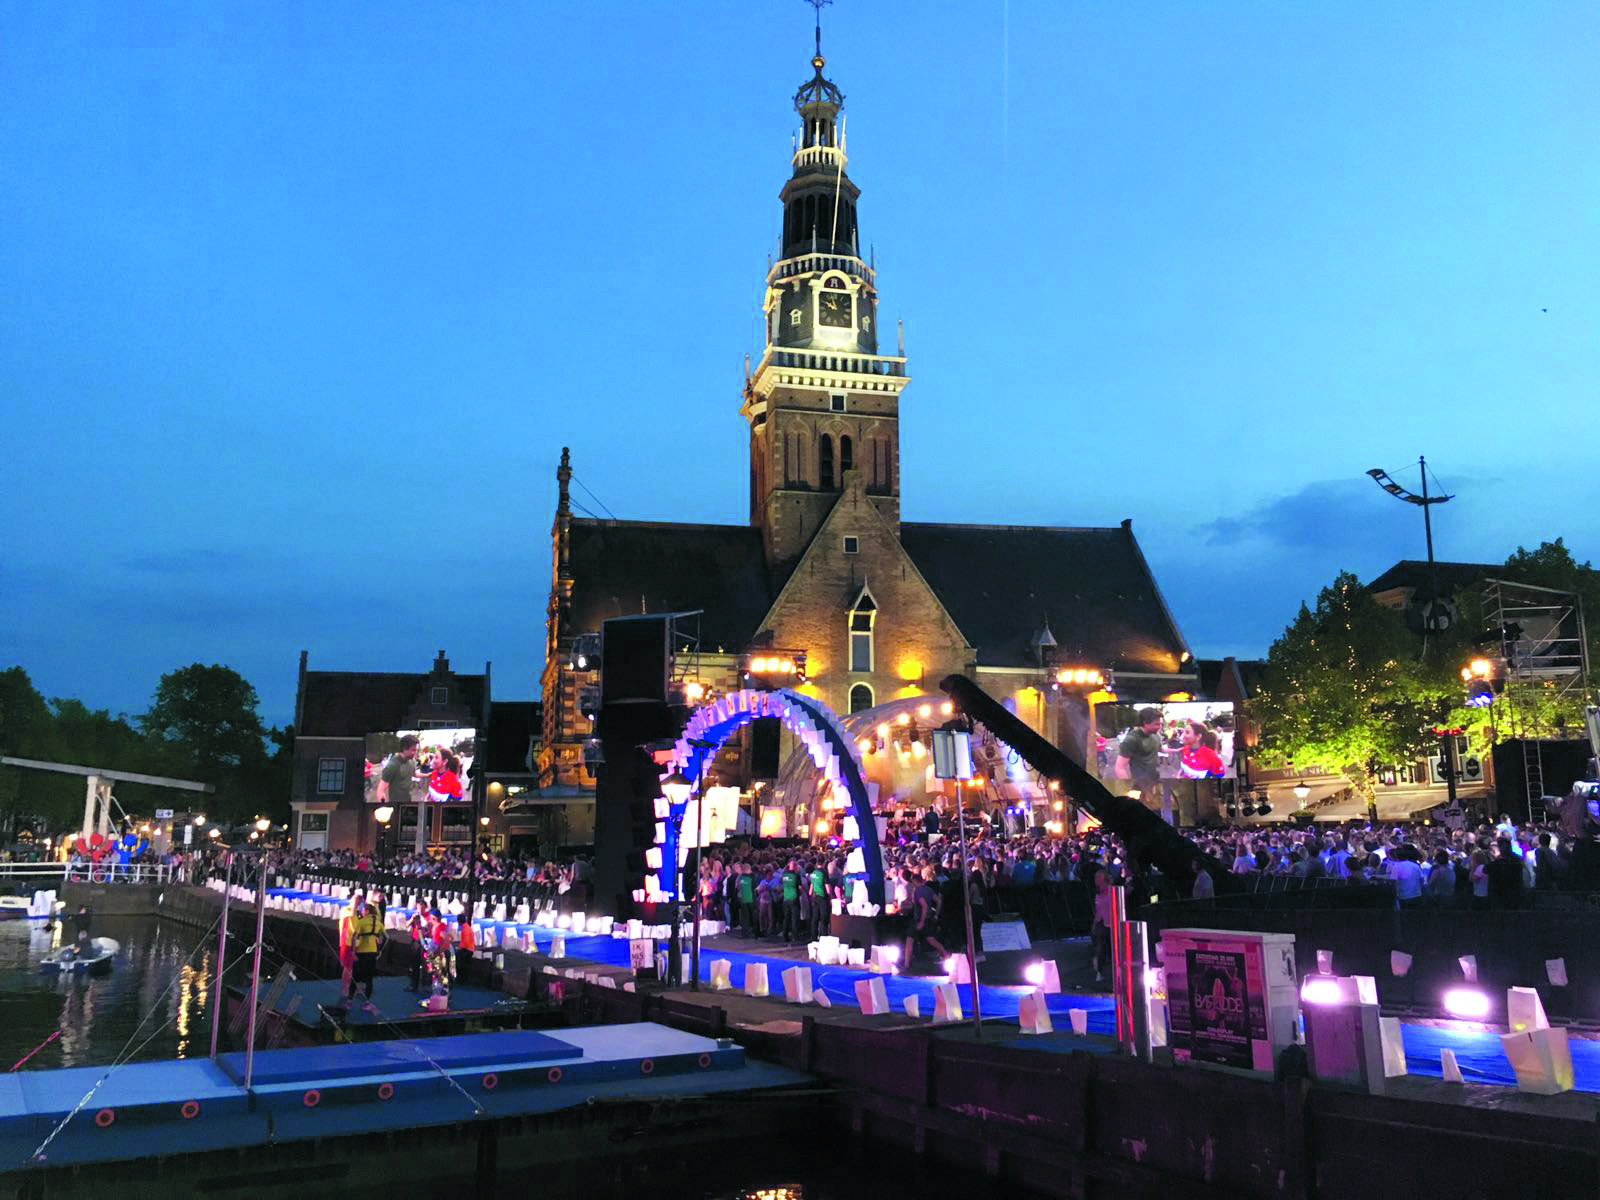 Voor de tweede keer vormt het Waagplein het decor voor de jaarlijkse liveshow 'Nederland staat op tegen kanker'. (Foto: aangeleverd)